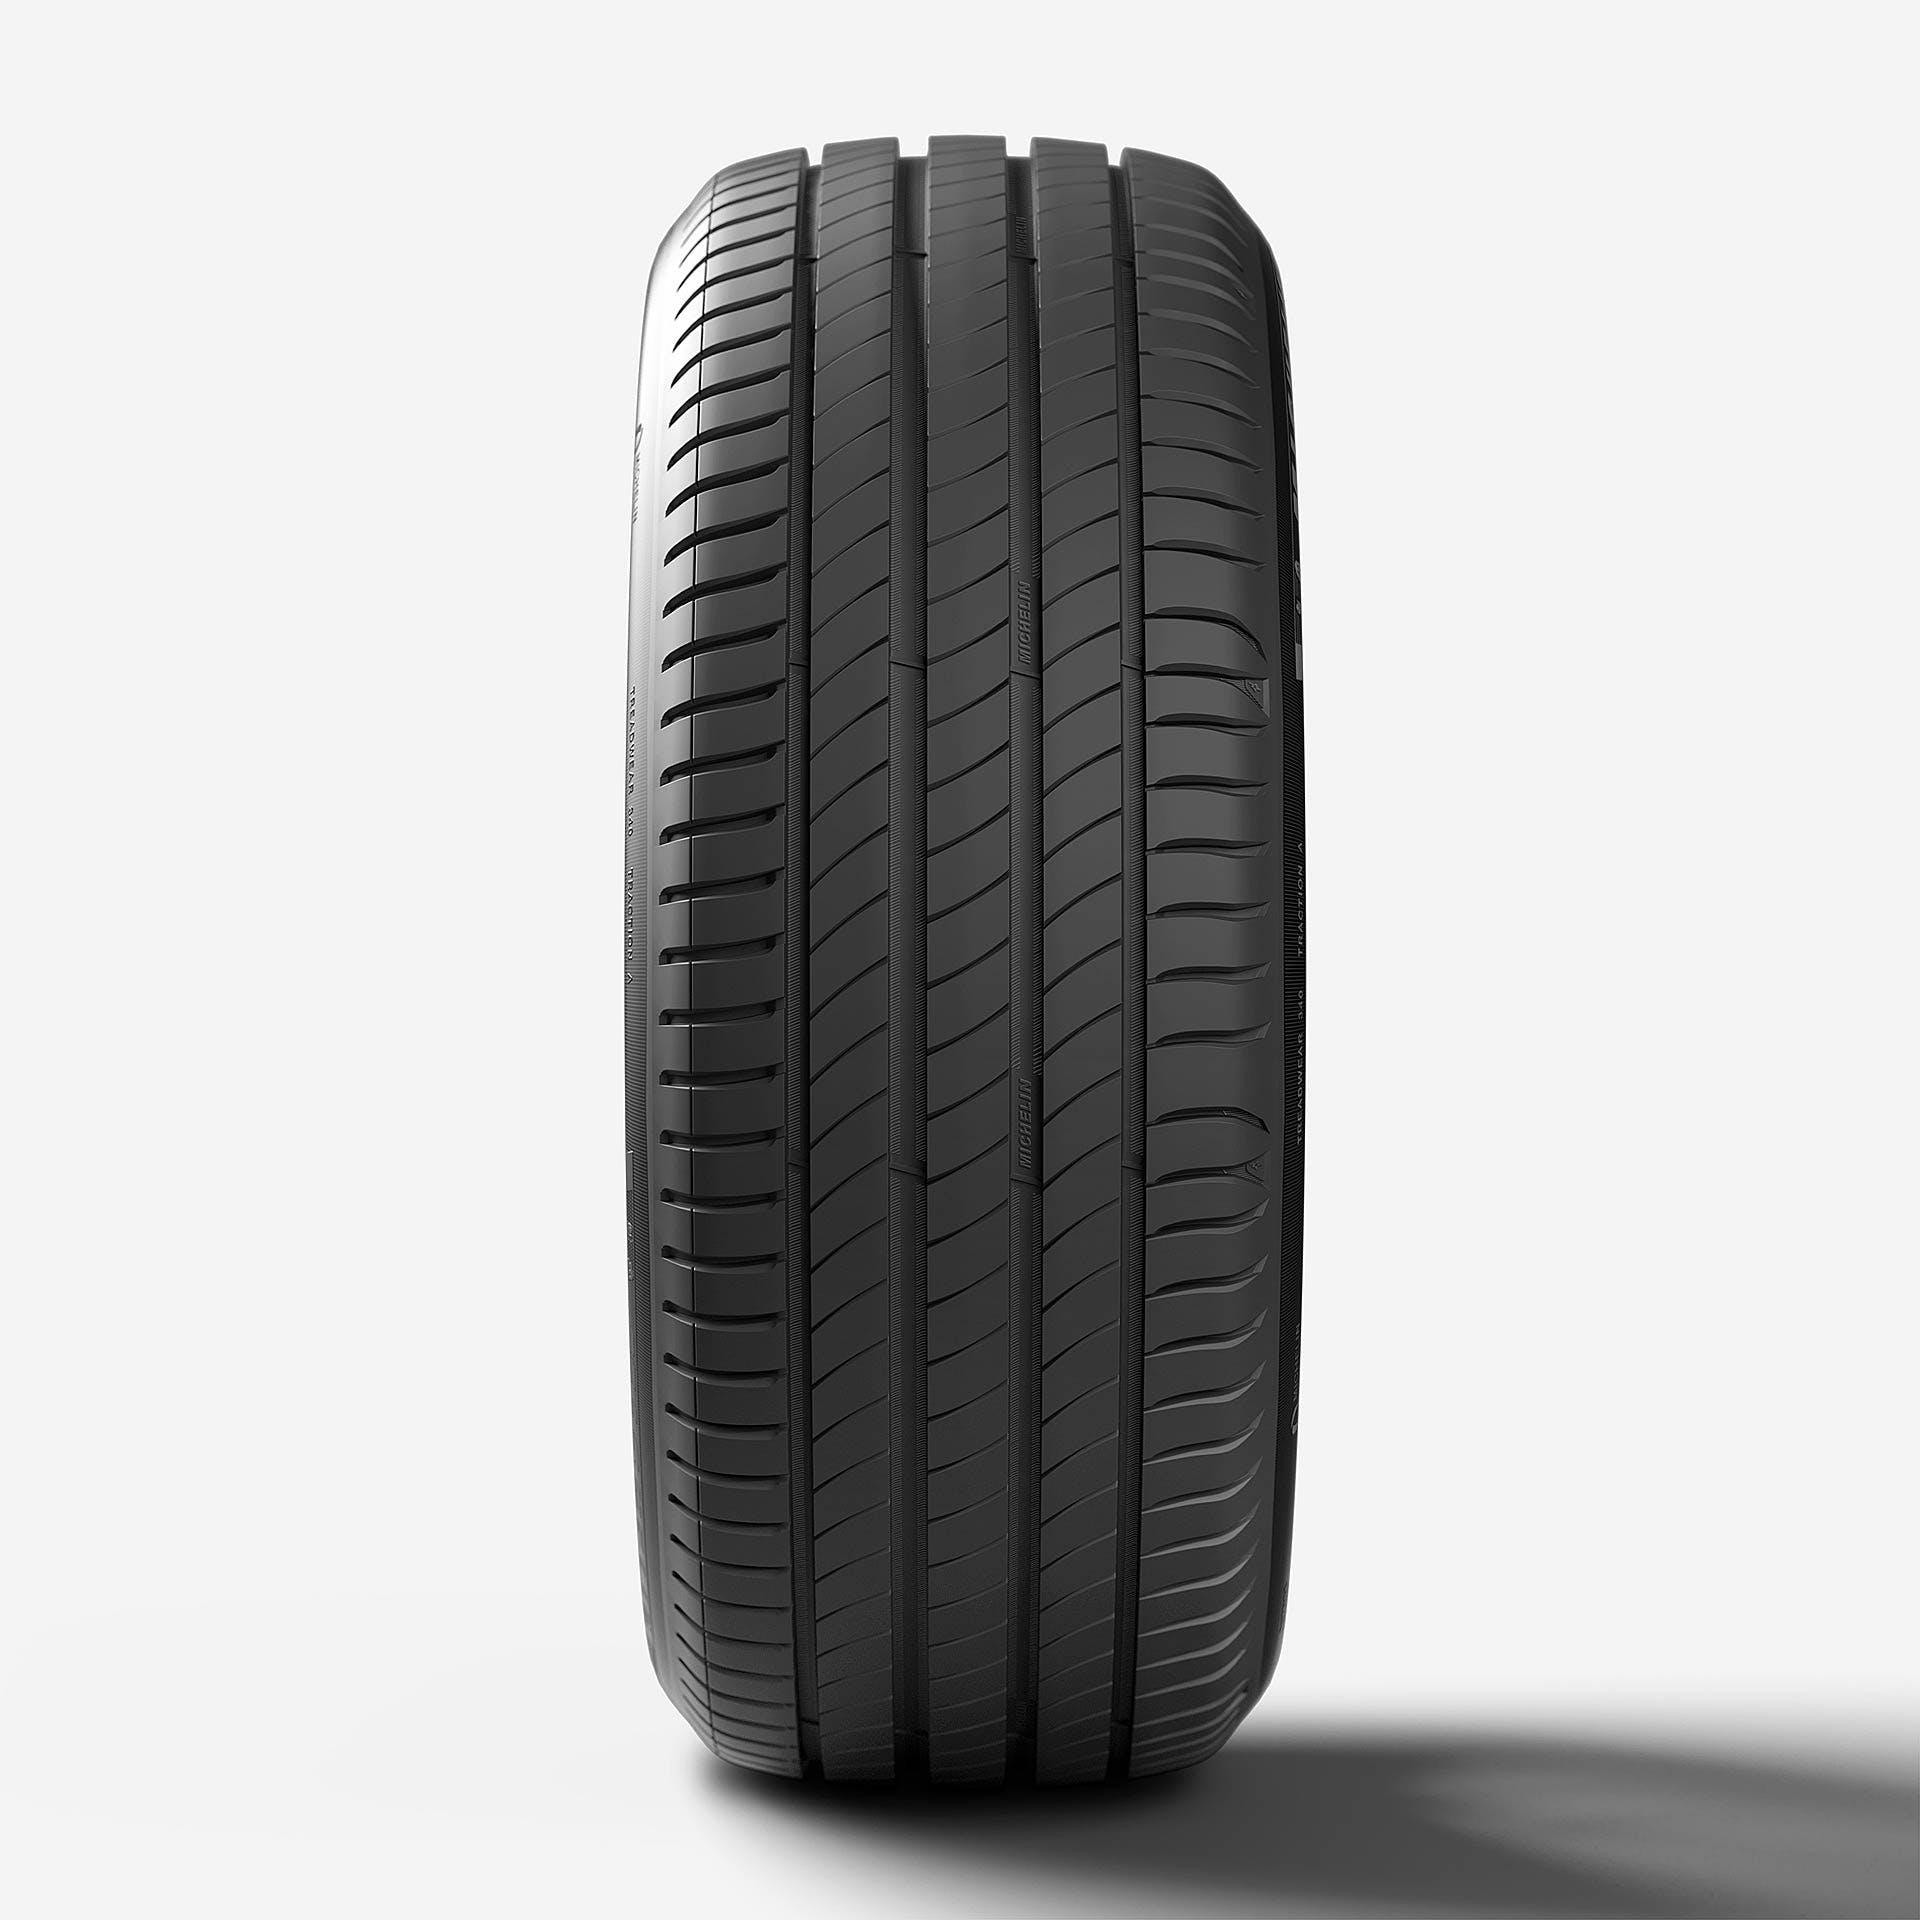 Michelin Primacy 4 vista frontale con battistrada